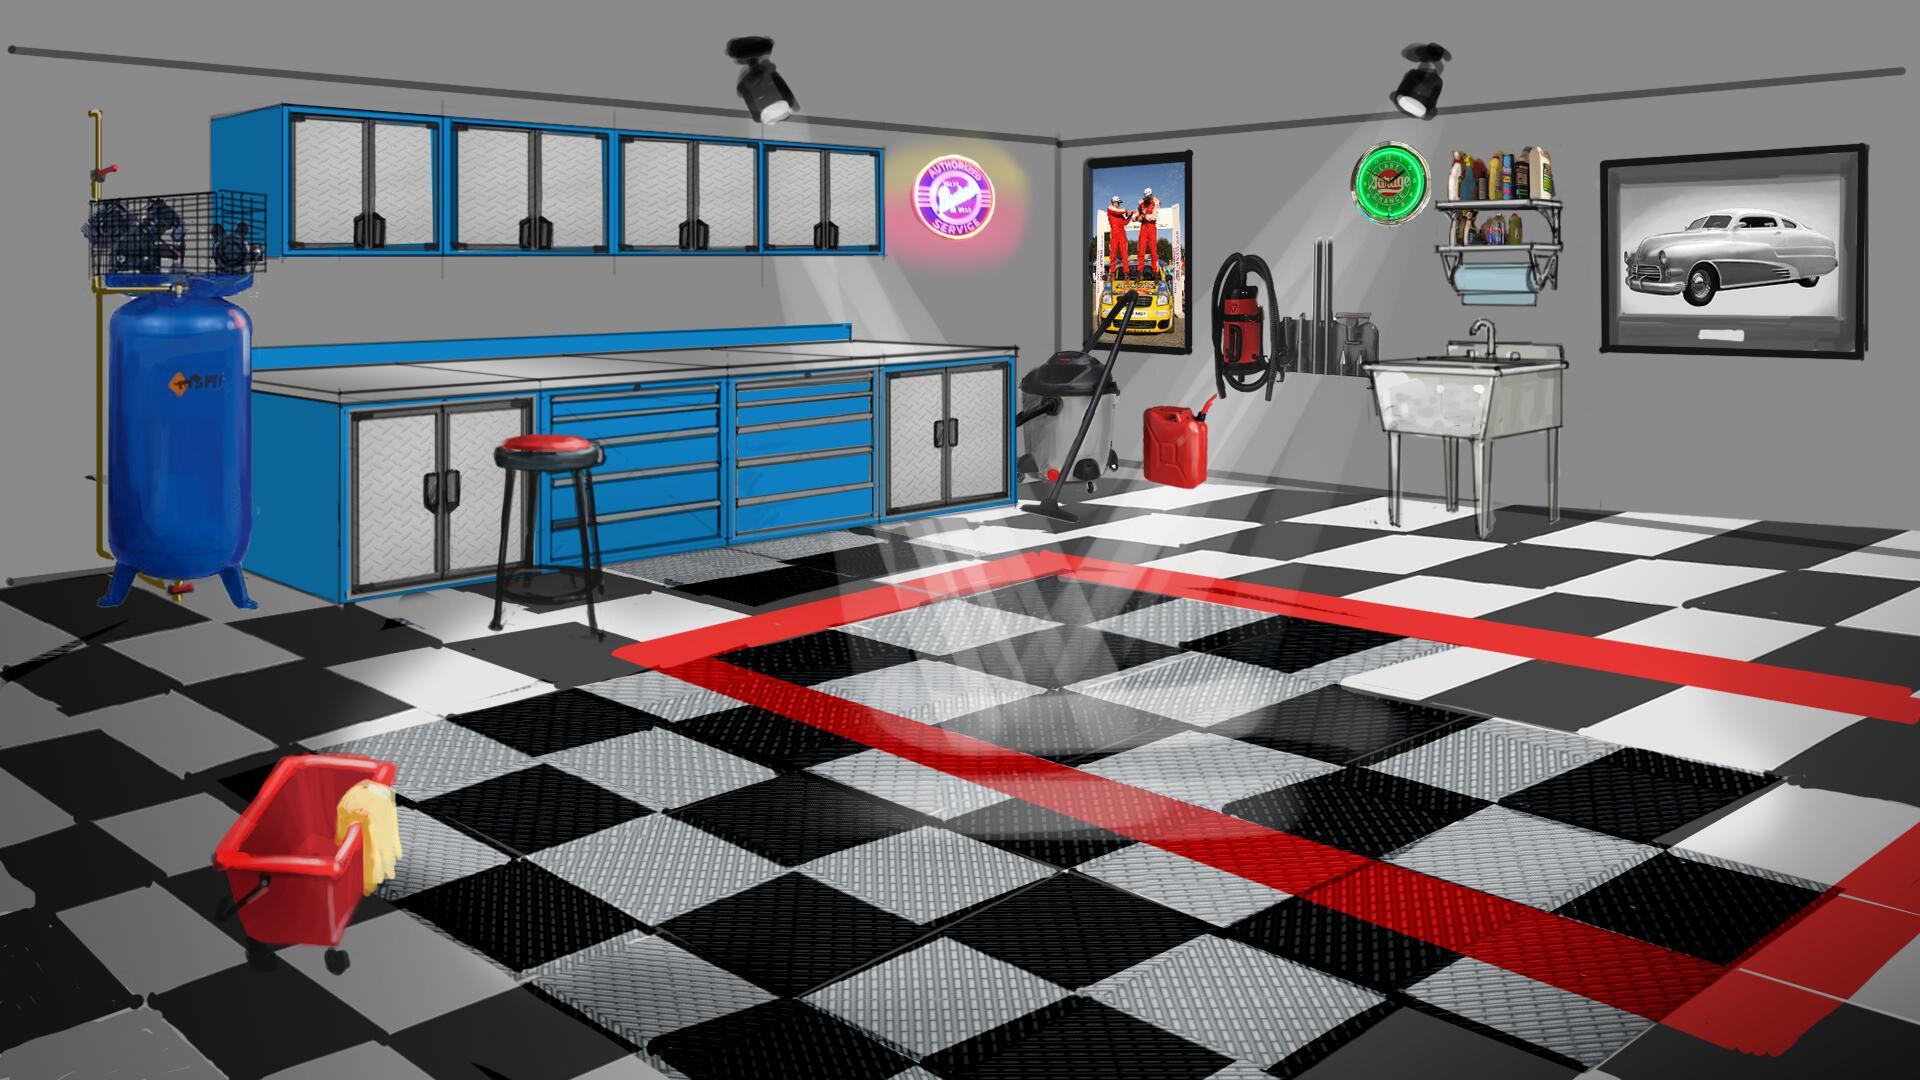 [imagen]Bocetos Los Sims 3 Quemando rueda BhQvSaYCMAAR5xt